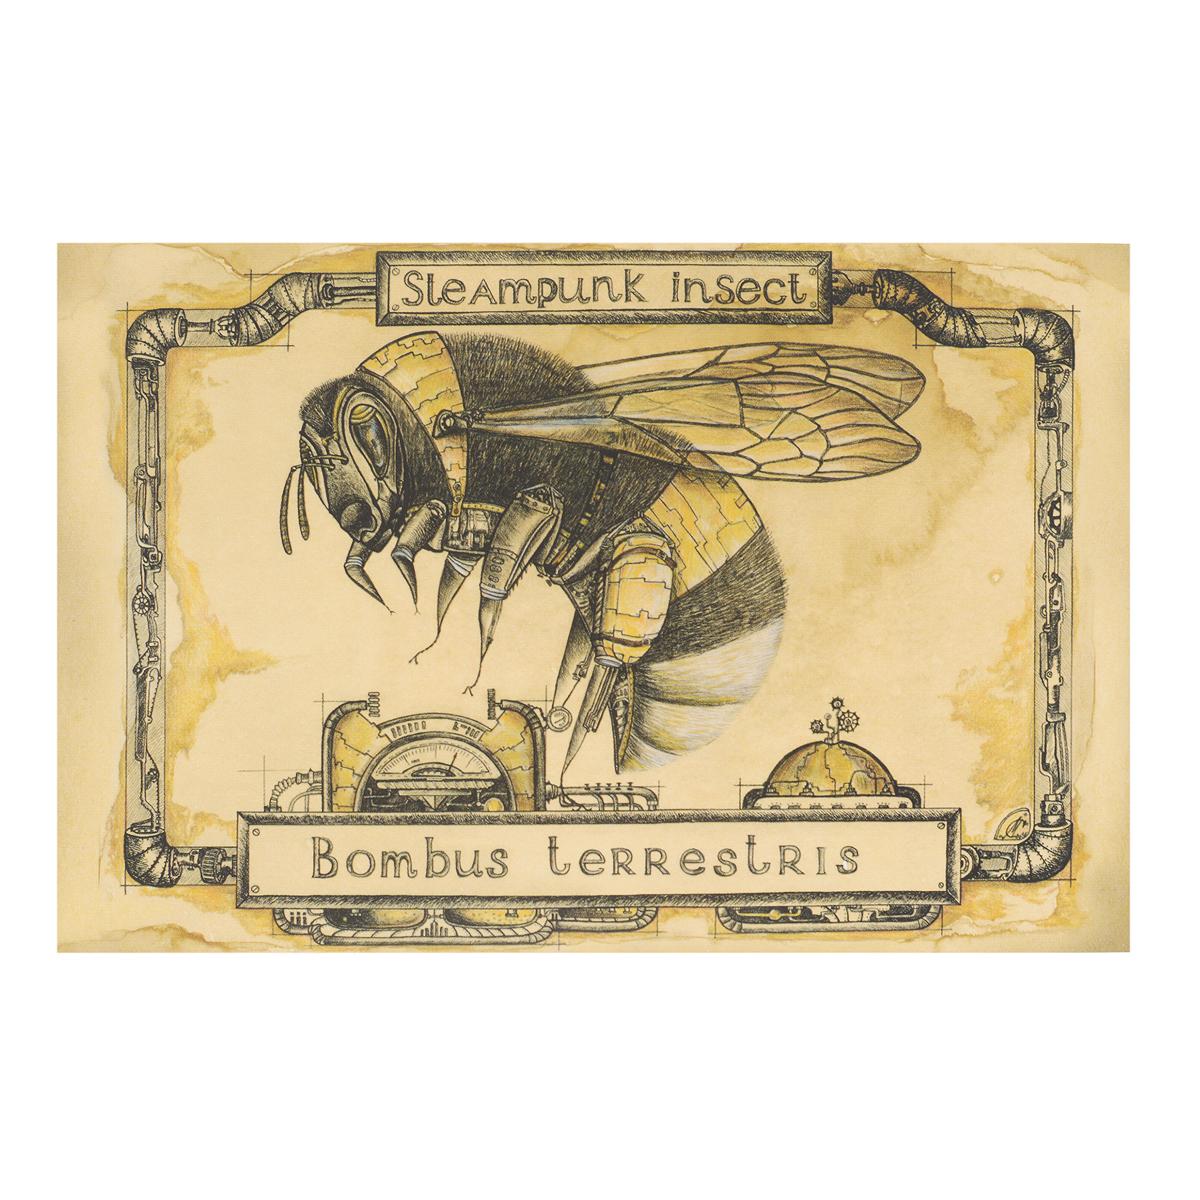 Открытка Steampunk Insect. Шмель. Автор Мария СкородумоваSM10-006Оригинальная дизайнерская открытка Шмель из серии Steampunk Insect выполнена из плотного матового картона. На лицевой стороне расположена репродукция картины художницы Марии Скородумовой. Такая открытка станет великолепным дополнением к подарку или оригинальным почтовым посланием, которое, несомненно, удивит получателя своим дизайном и подарит приятные воспоминания.